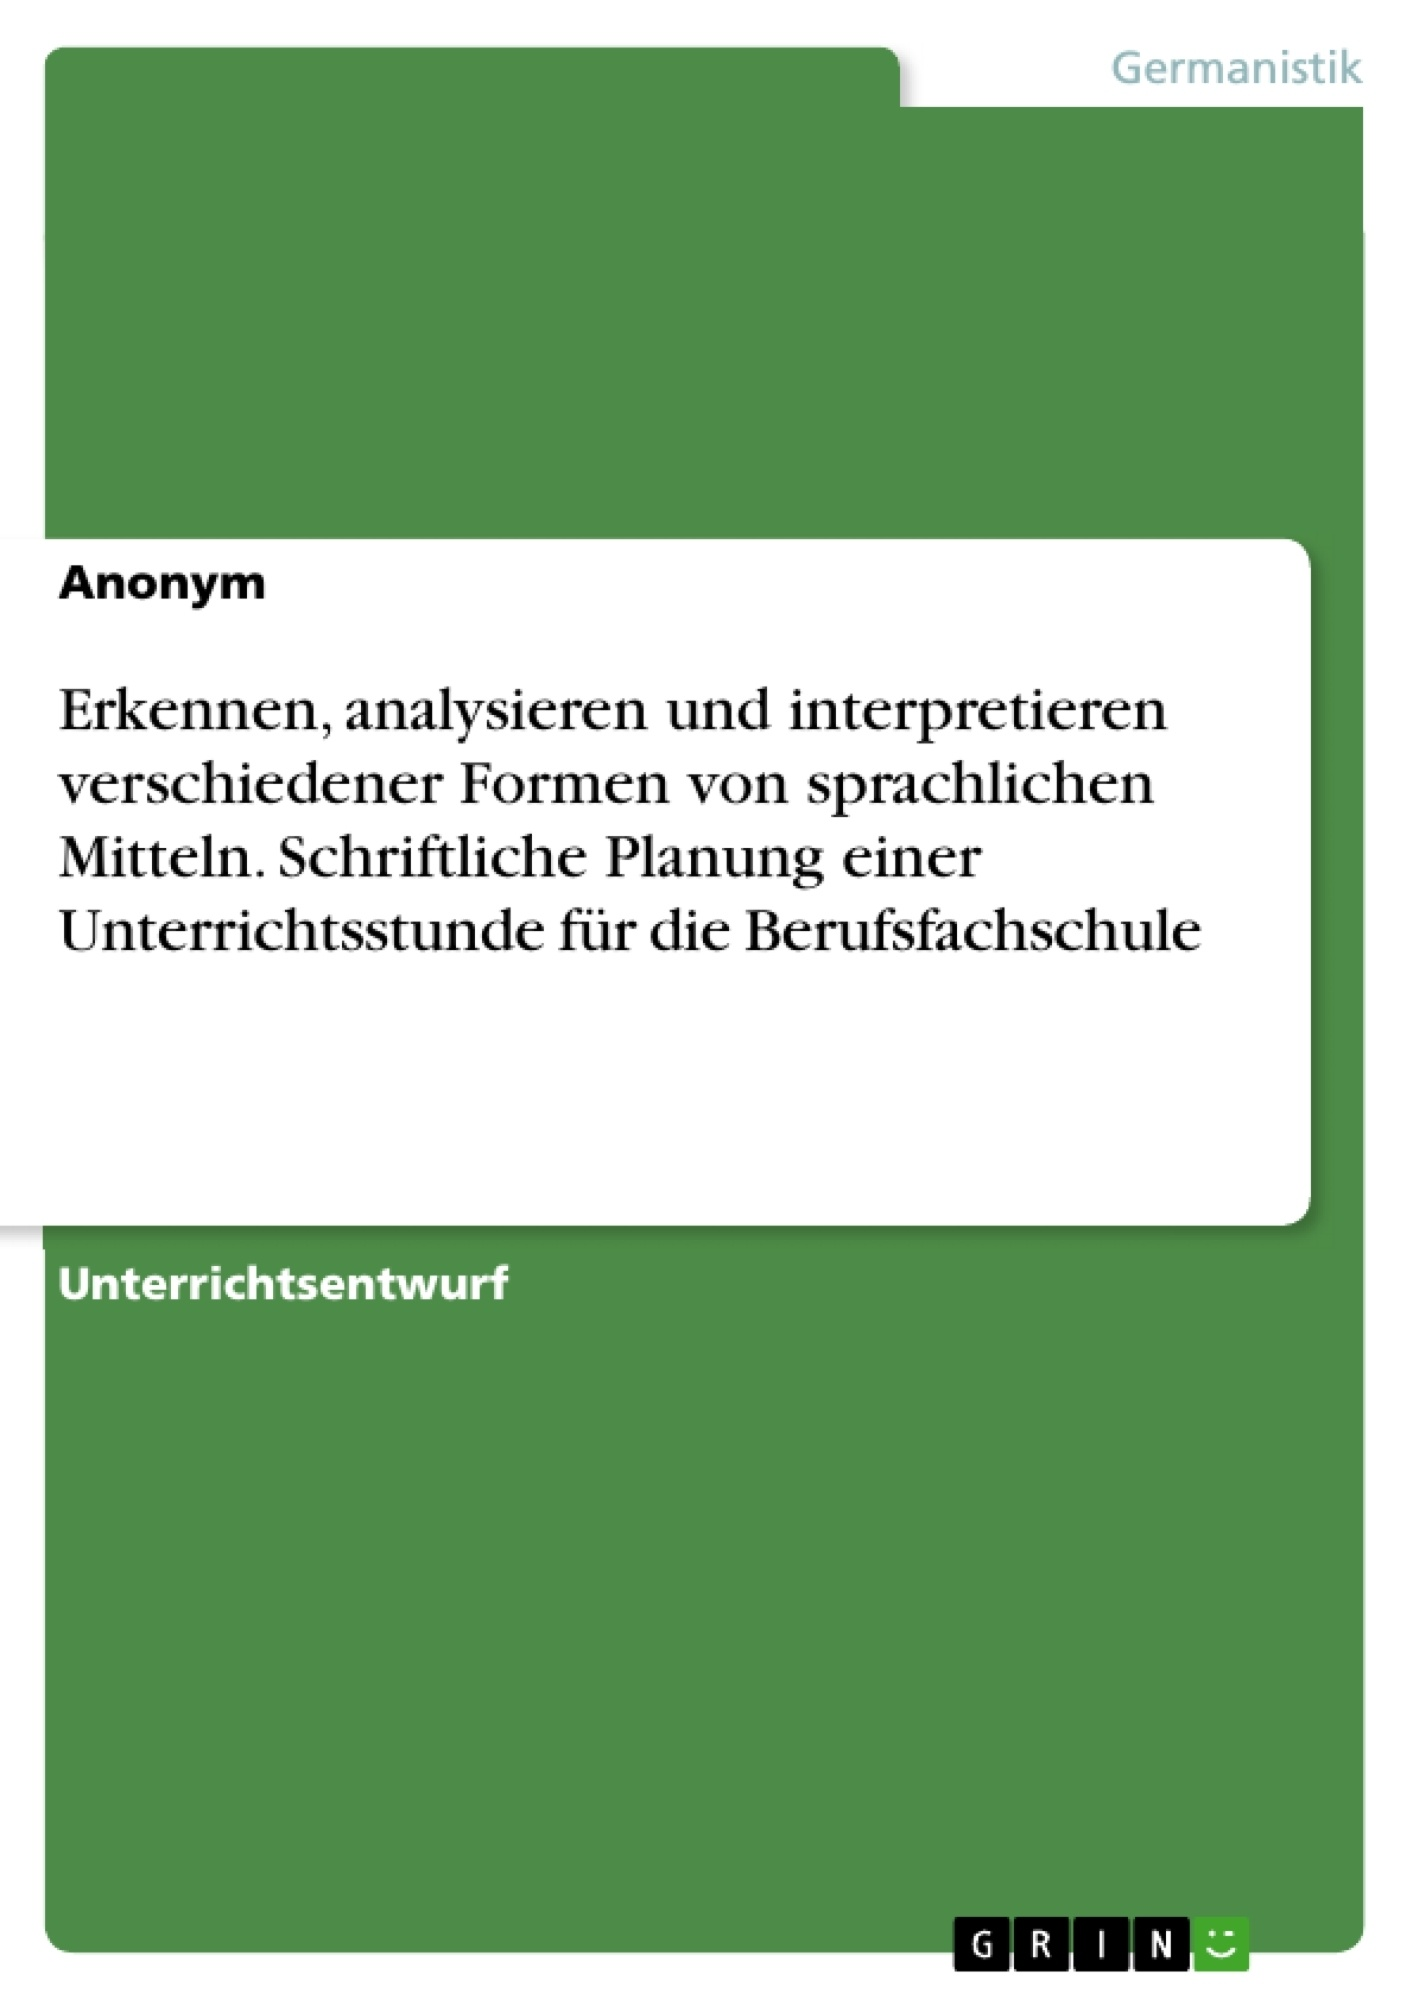 Titel: Erkennen, analysieren und interpretieren verschiedener Formen von sprachlichen Mitteln. Schriftliche Planung einer Unterrichtsstunde für die Berufsfachschule